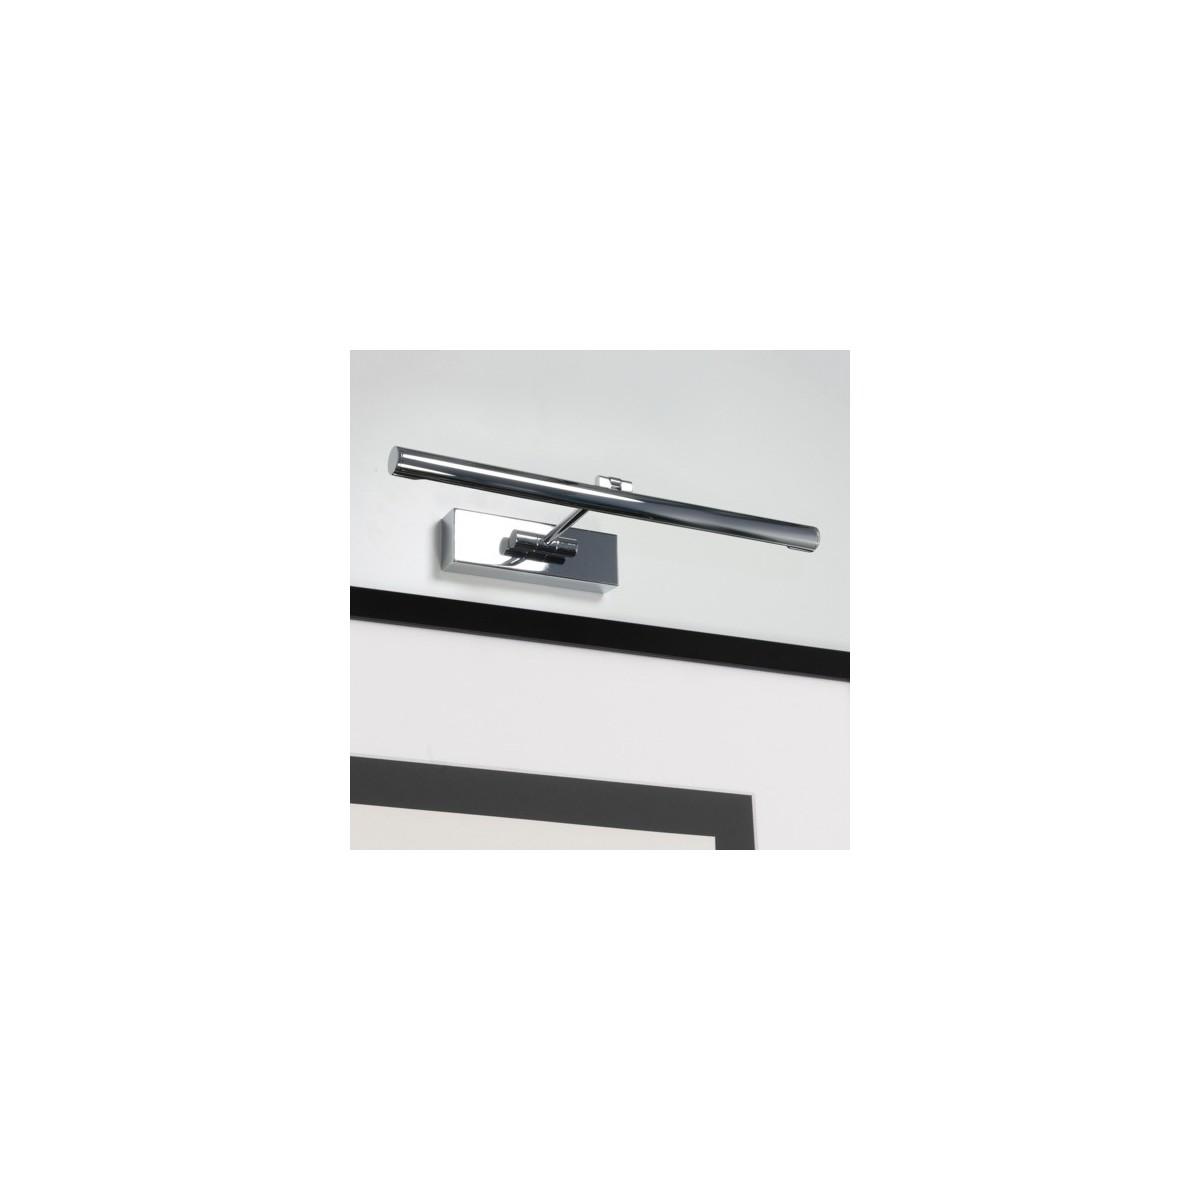 Astro Goya 460 LED Oświetlenie obrazu 7.1W LED Chrom Polerowany 1115008